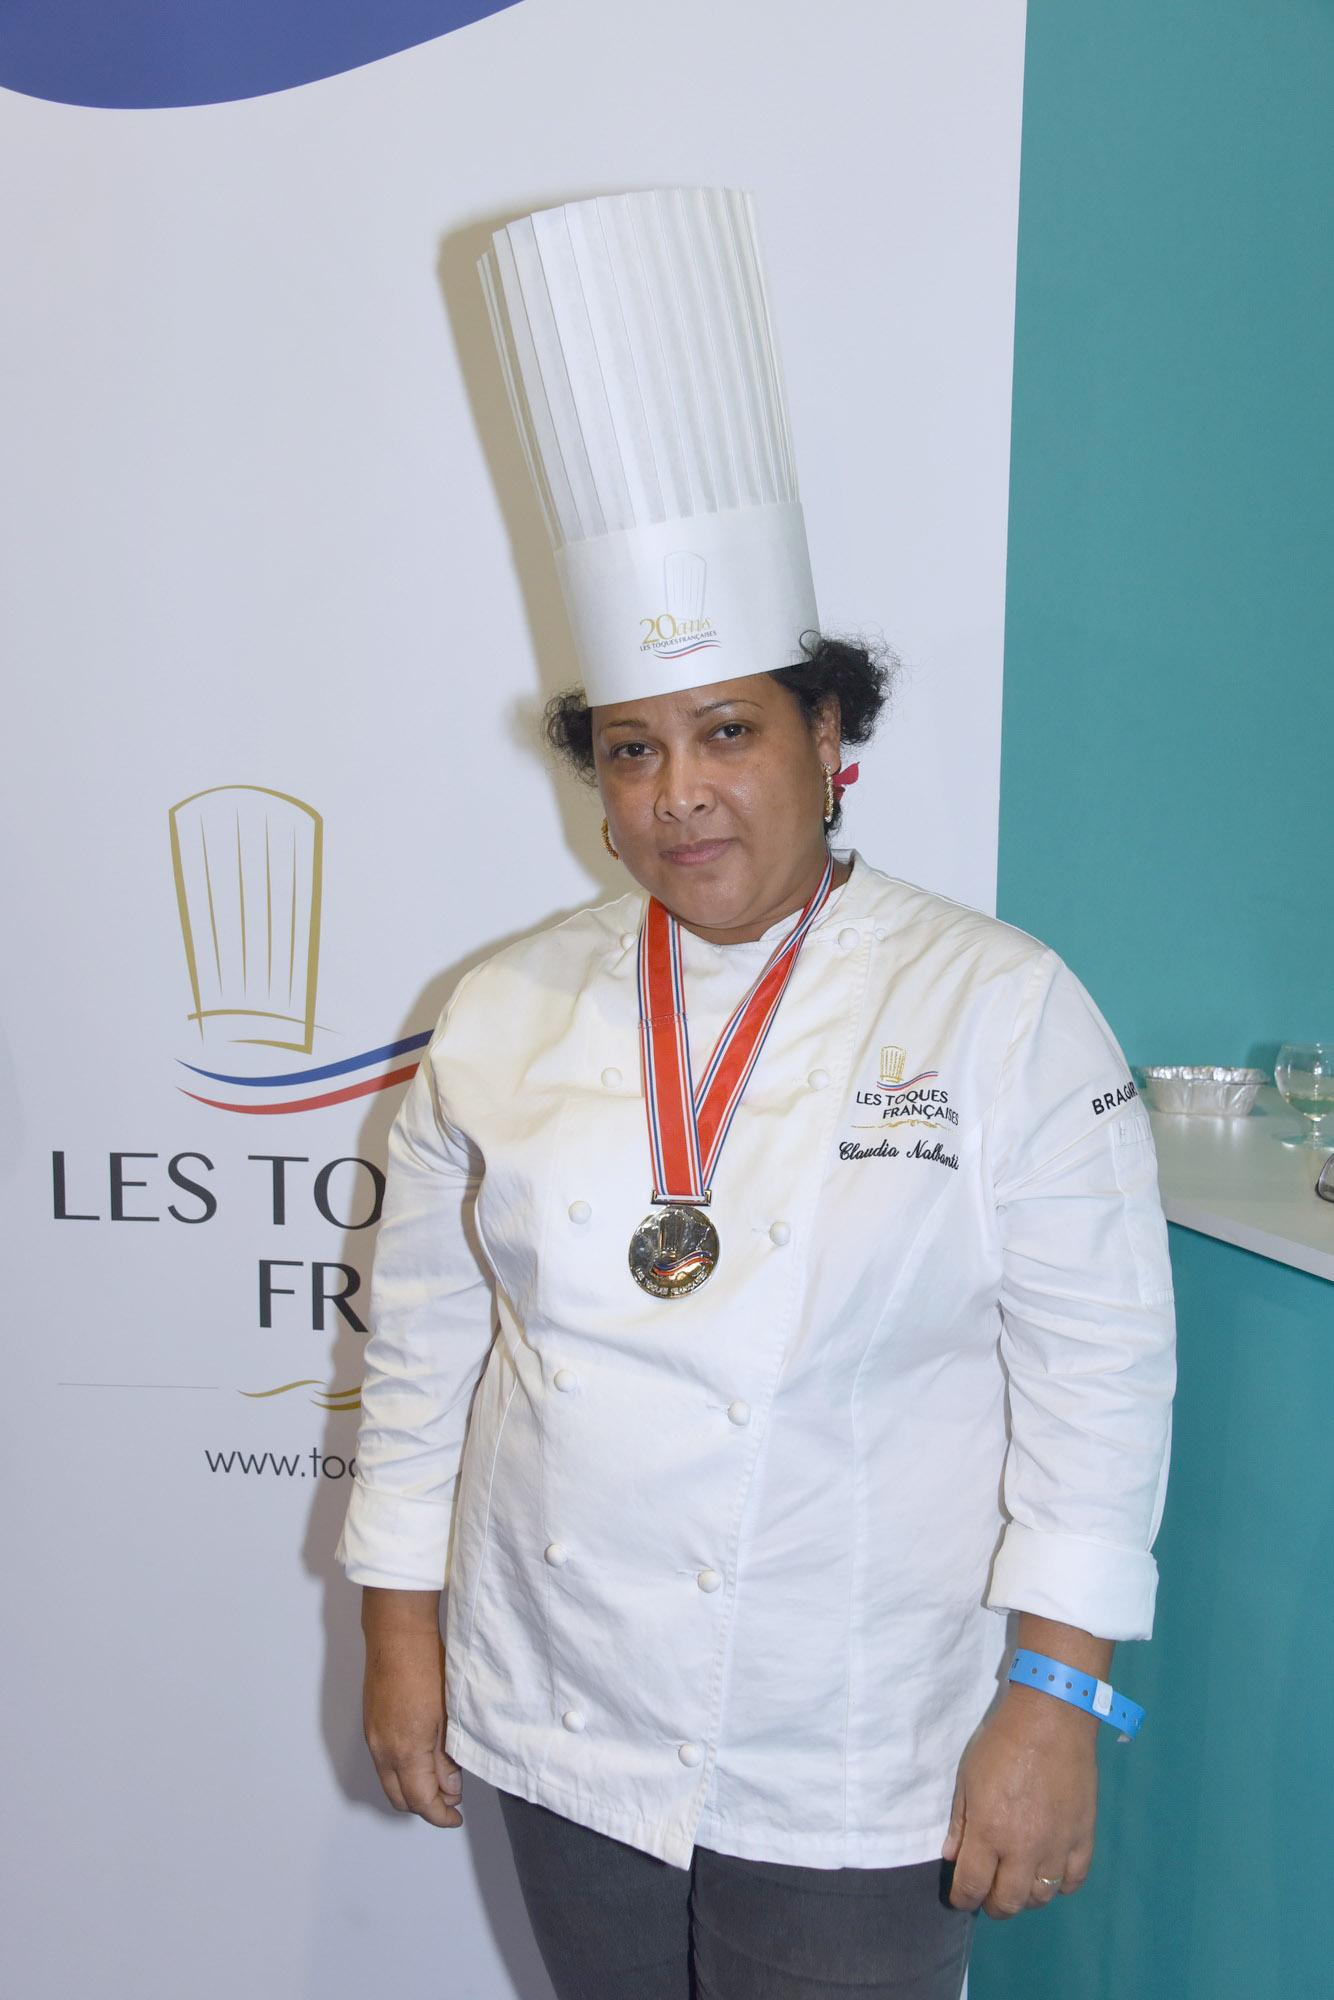 La jurée réunionnaise, Claudia Nalbanti (Toques françaises) traiteur et aussi enseignante en cuisine à Angoulême